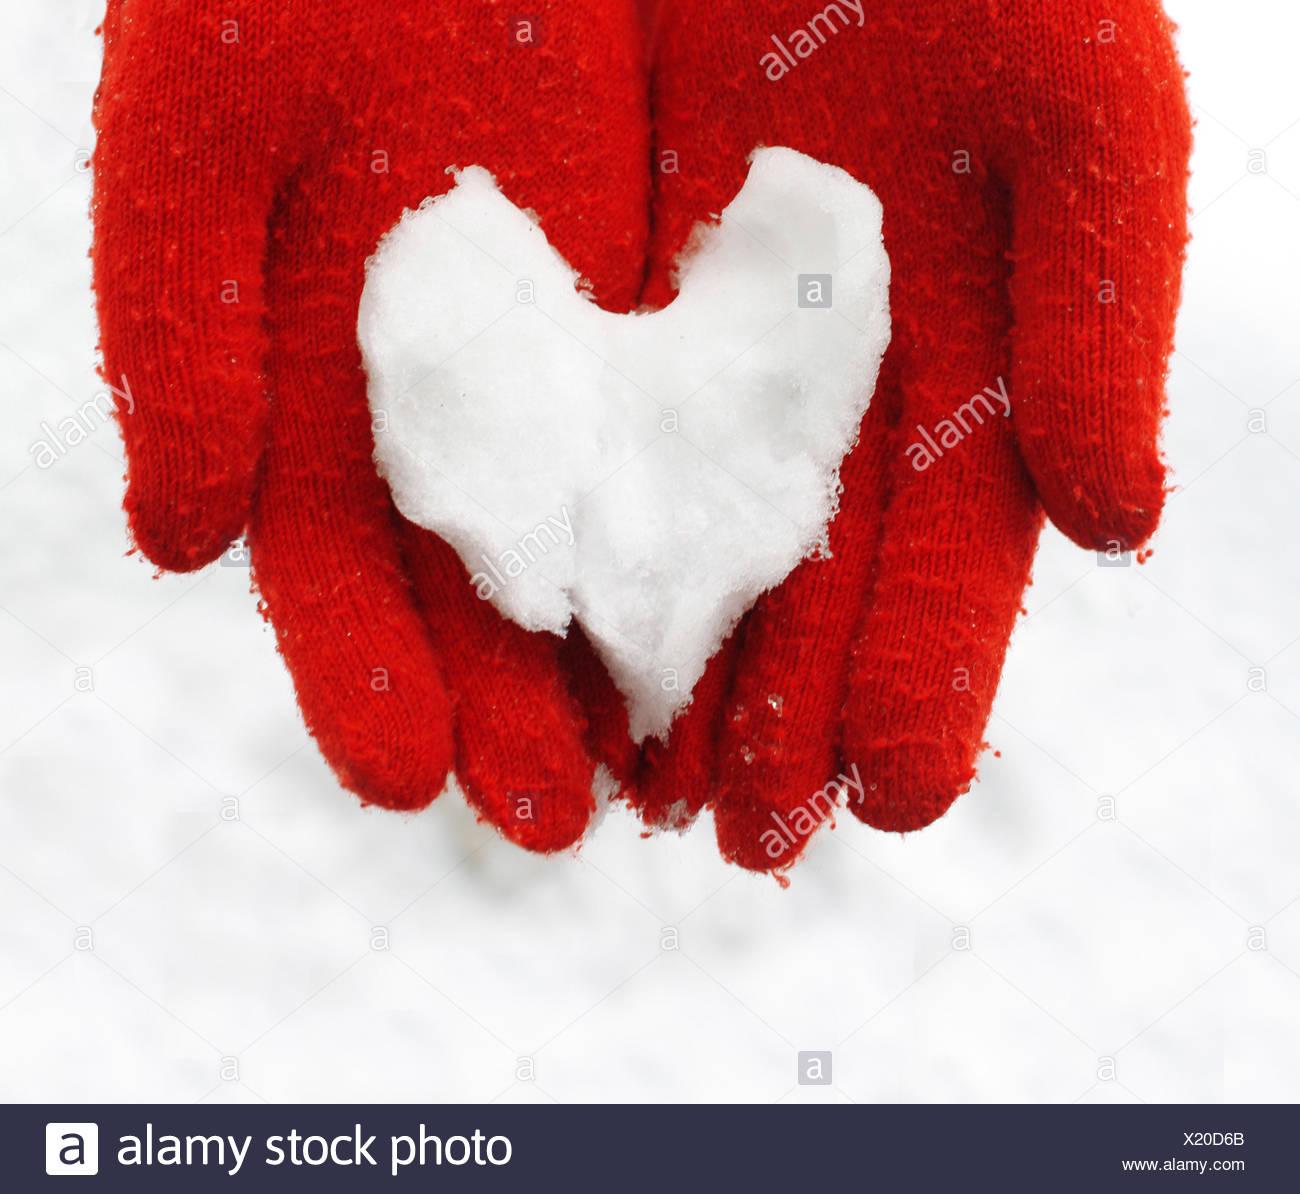 Finnland, Nahaufnahme von Frau mit Herz aus Schnee gemacht Stockbild